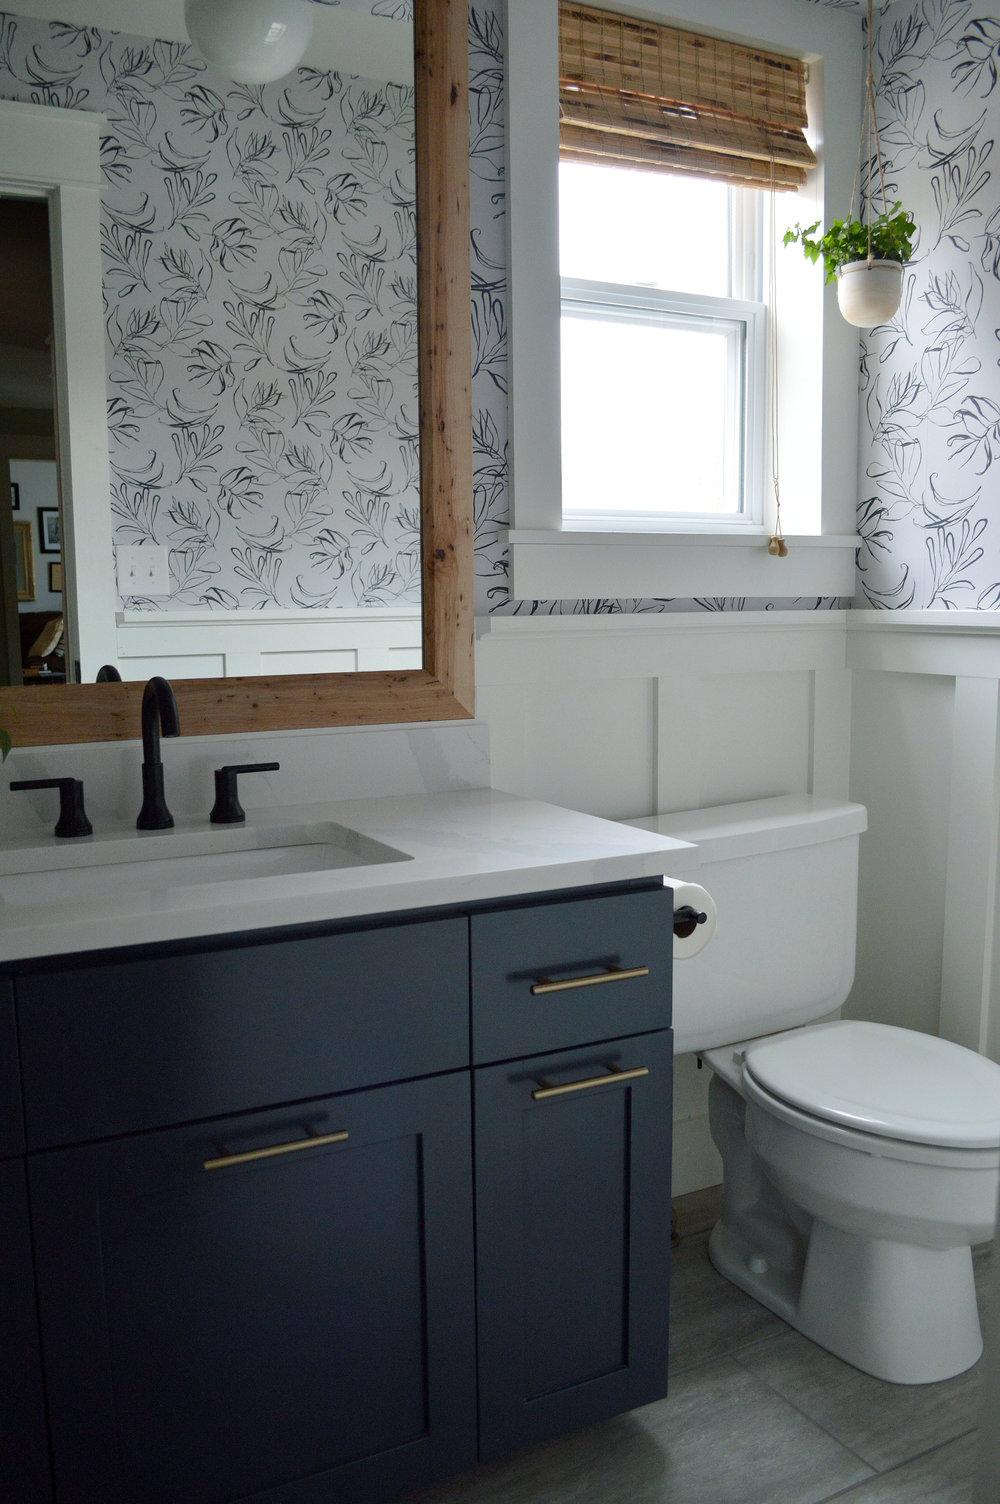 Bathroom Remodel2.jpg